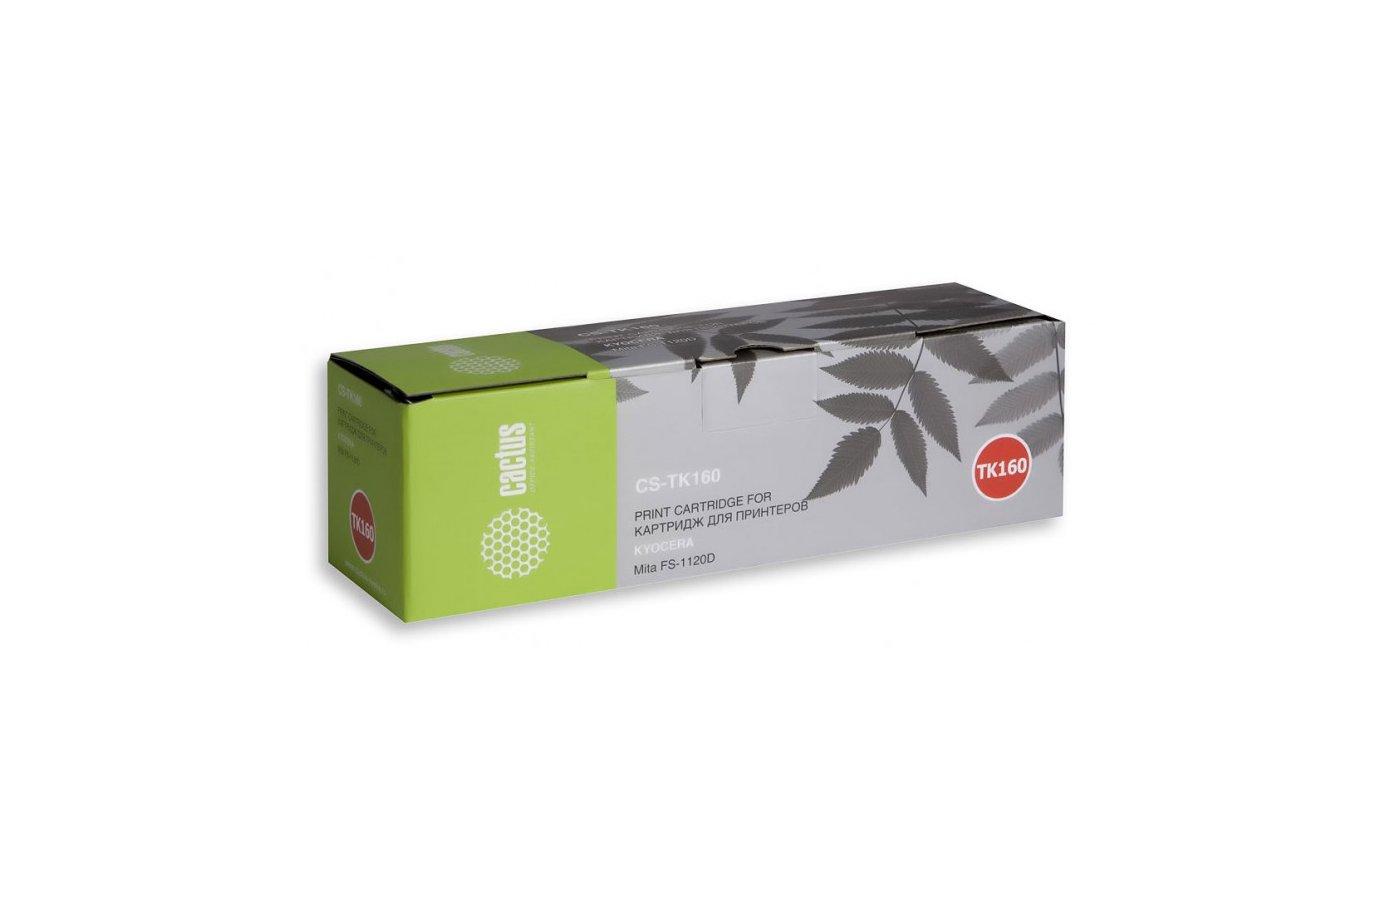 Картридж лазерный Cactus CS-TK160 совместимый черный для Mita FS 1120D/1120DN /1120 (2500стр.)